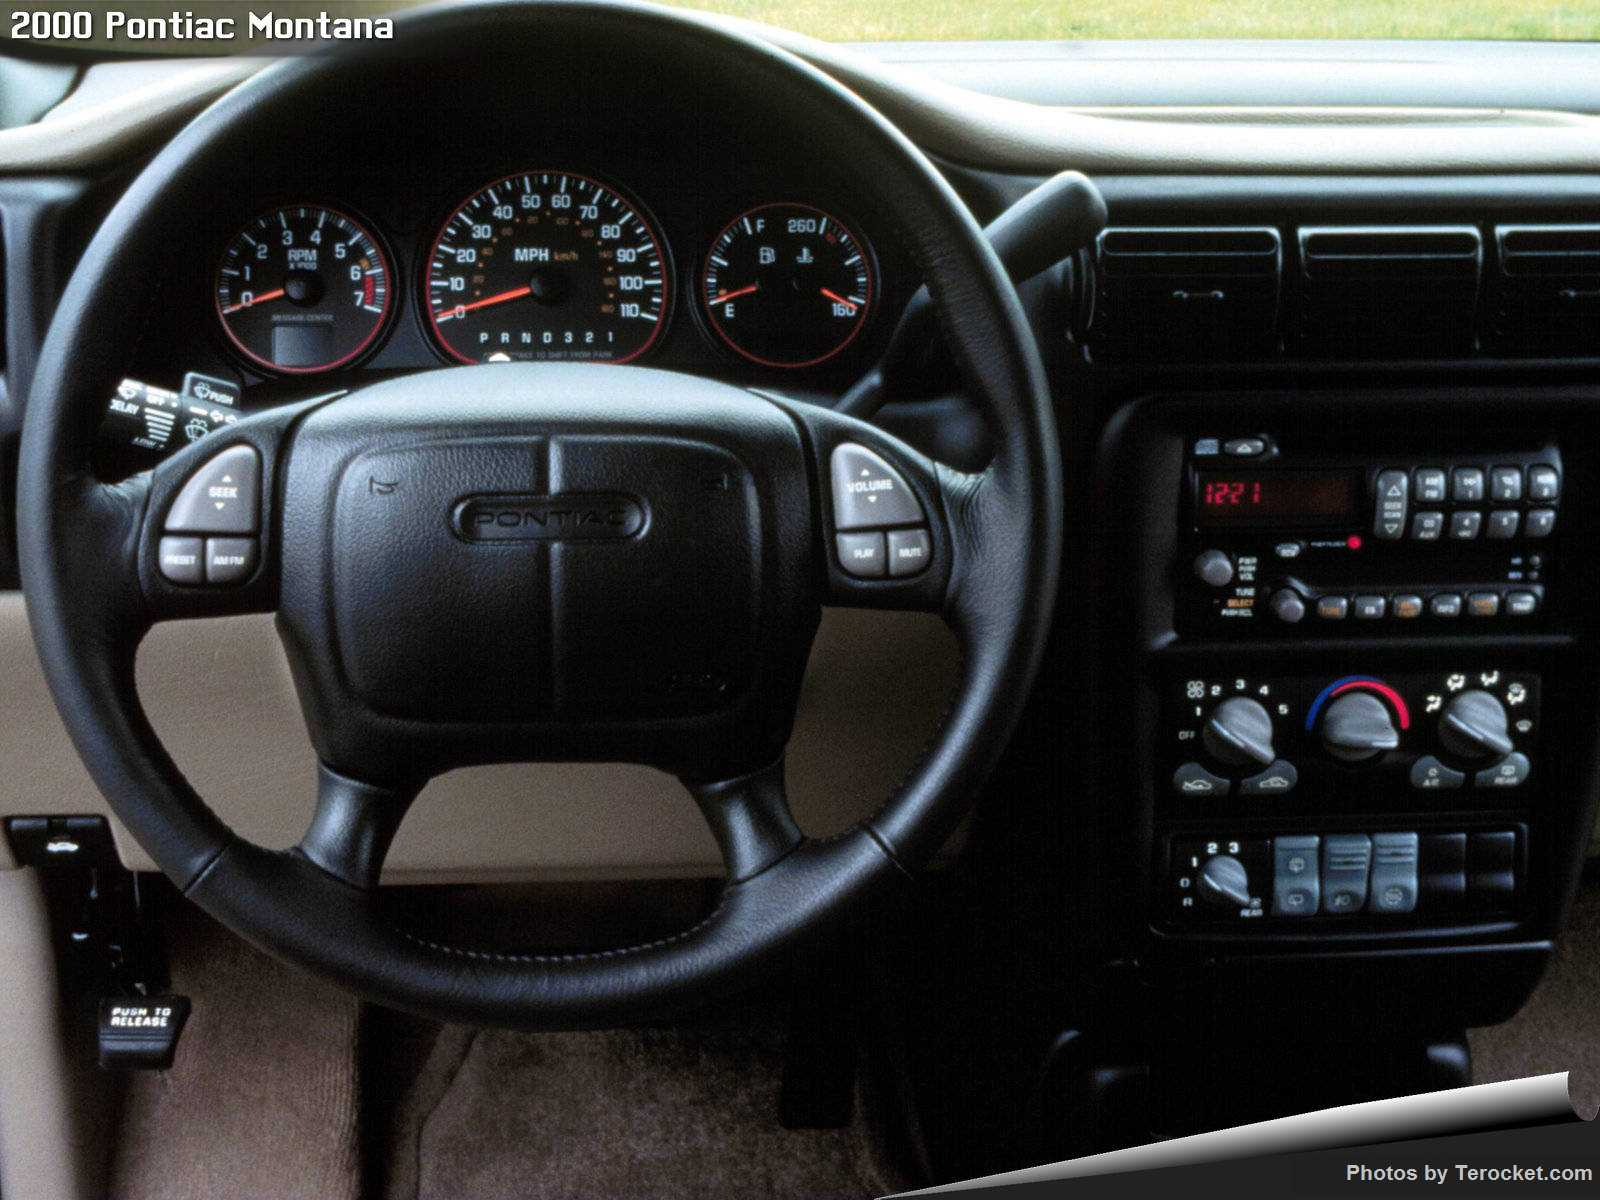 Hình ảnh xe ô tô Pontiac Montana 2000 & nội ngoại thất